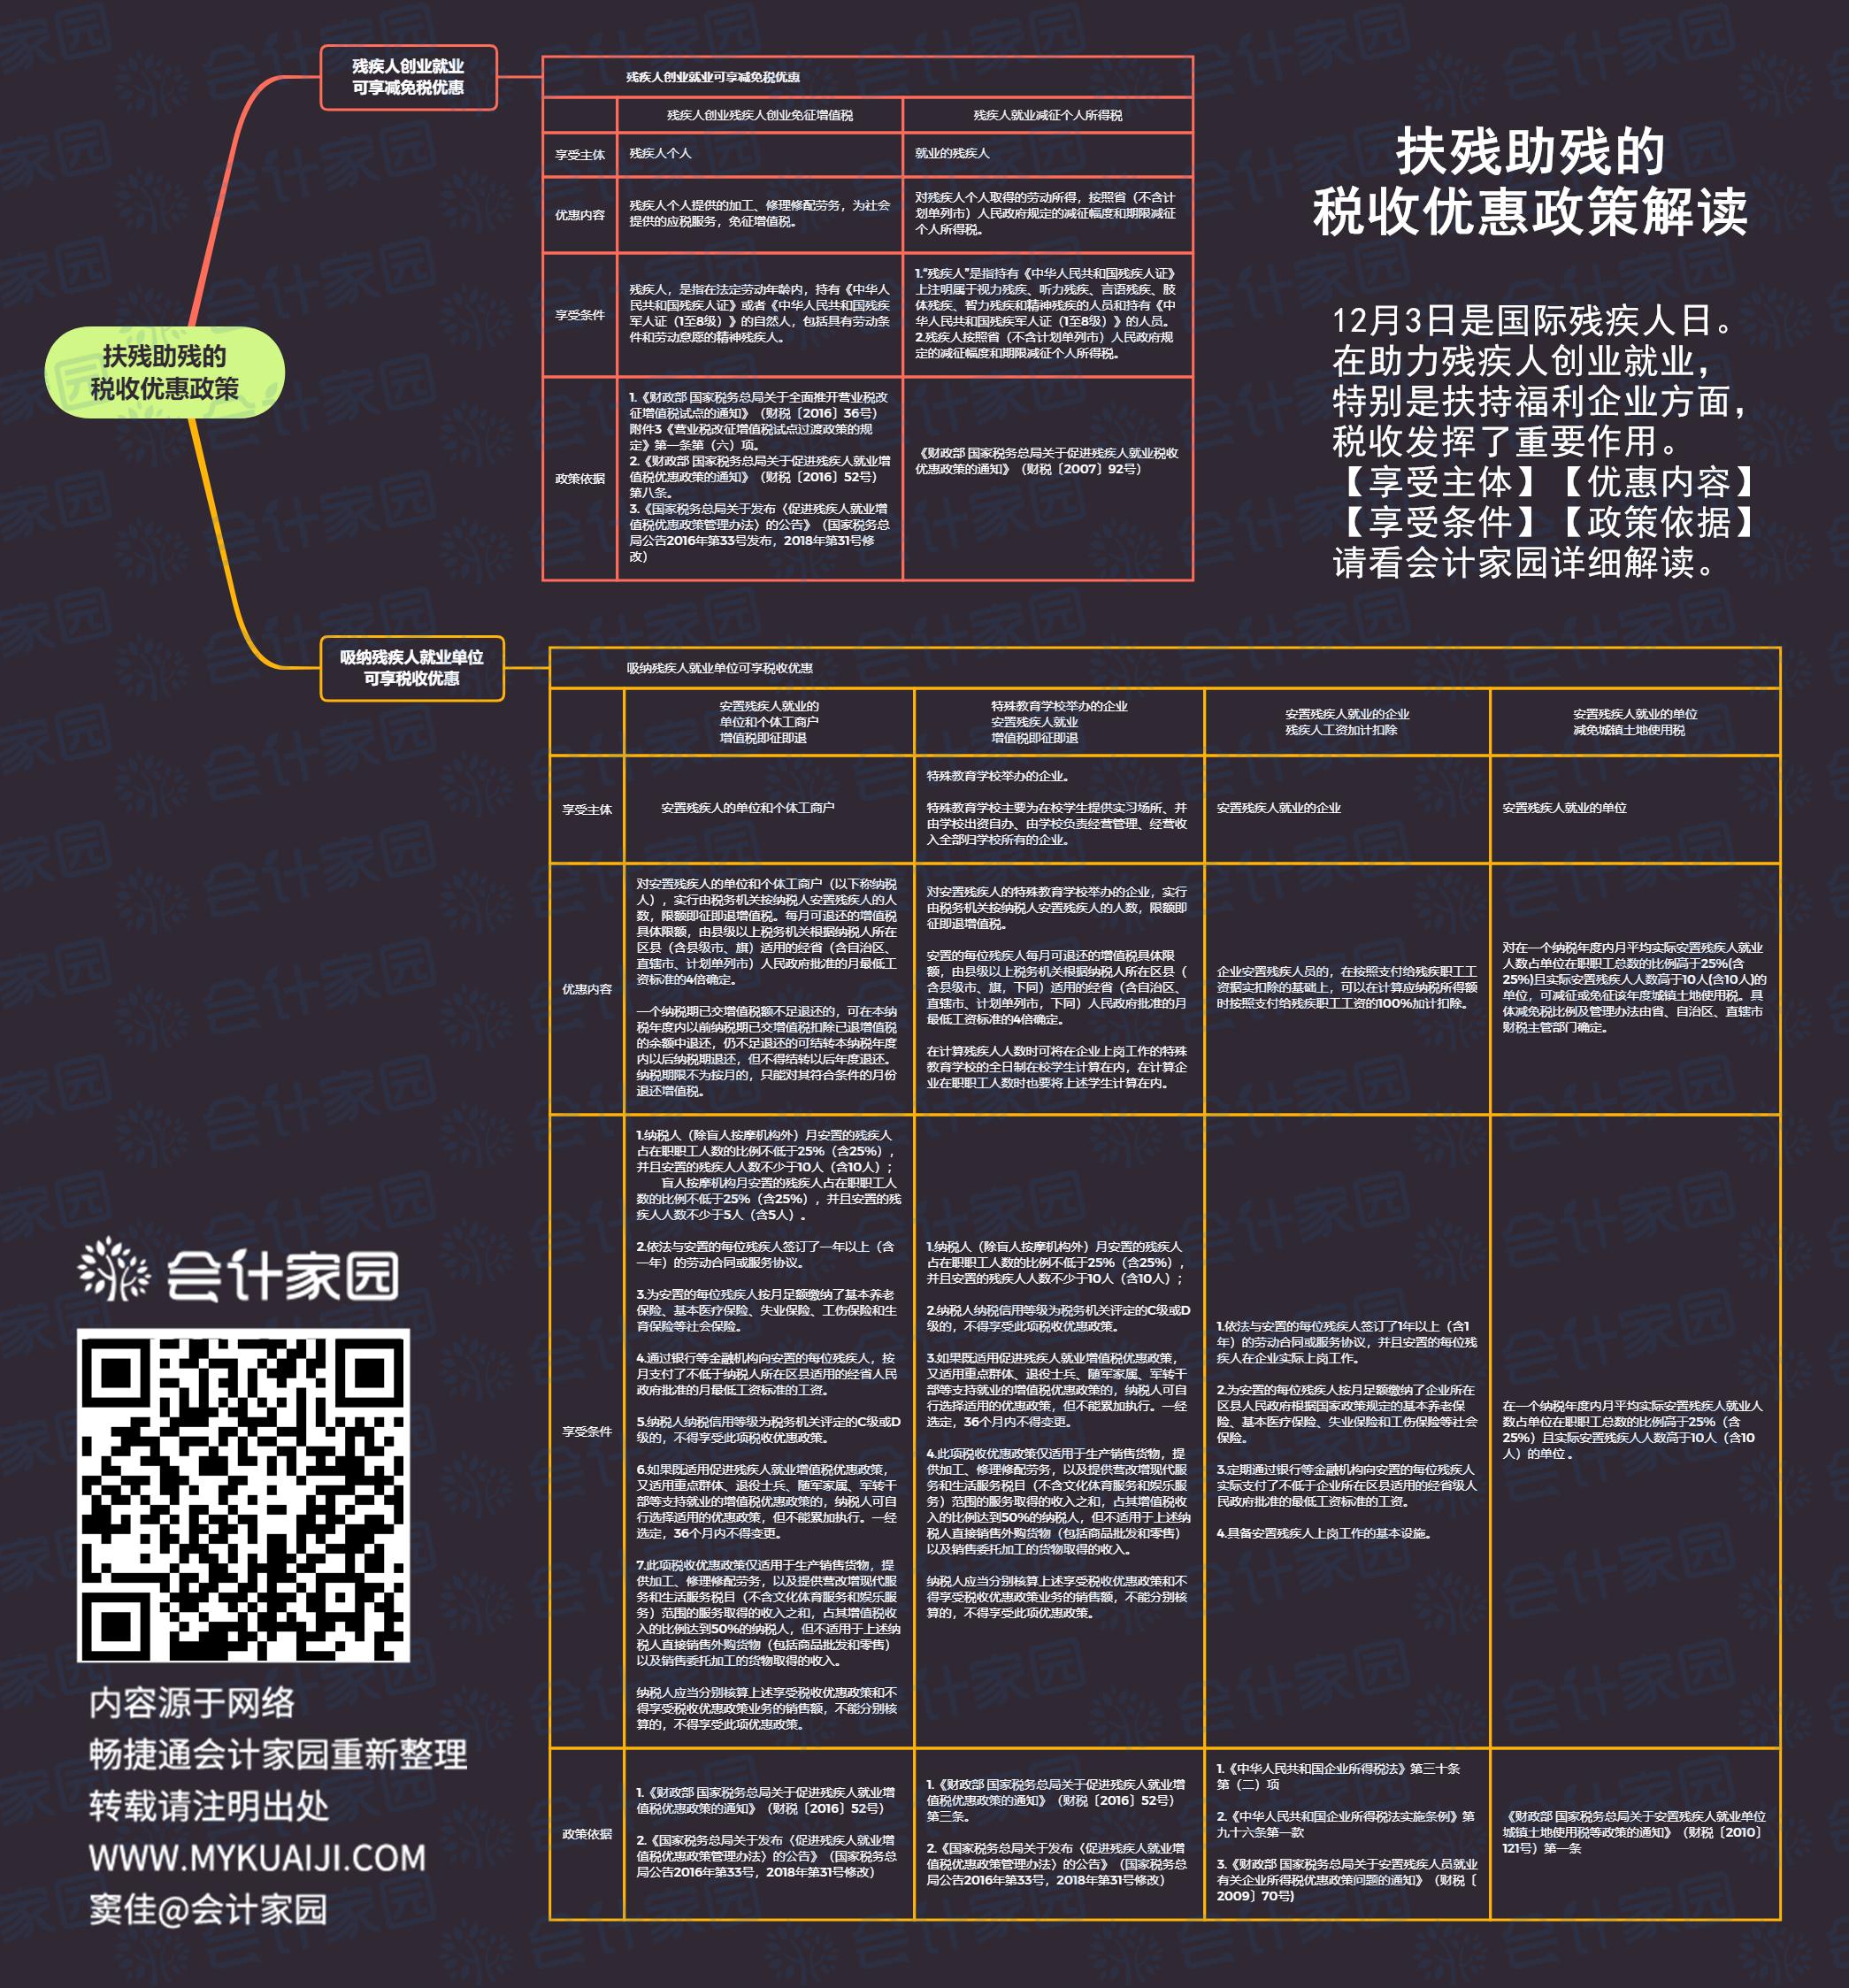 扶残助残的税收优惠政策(全).png